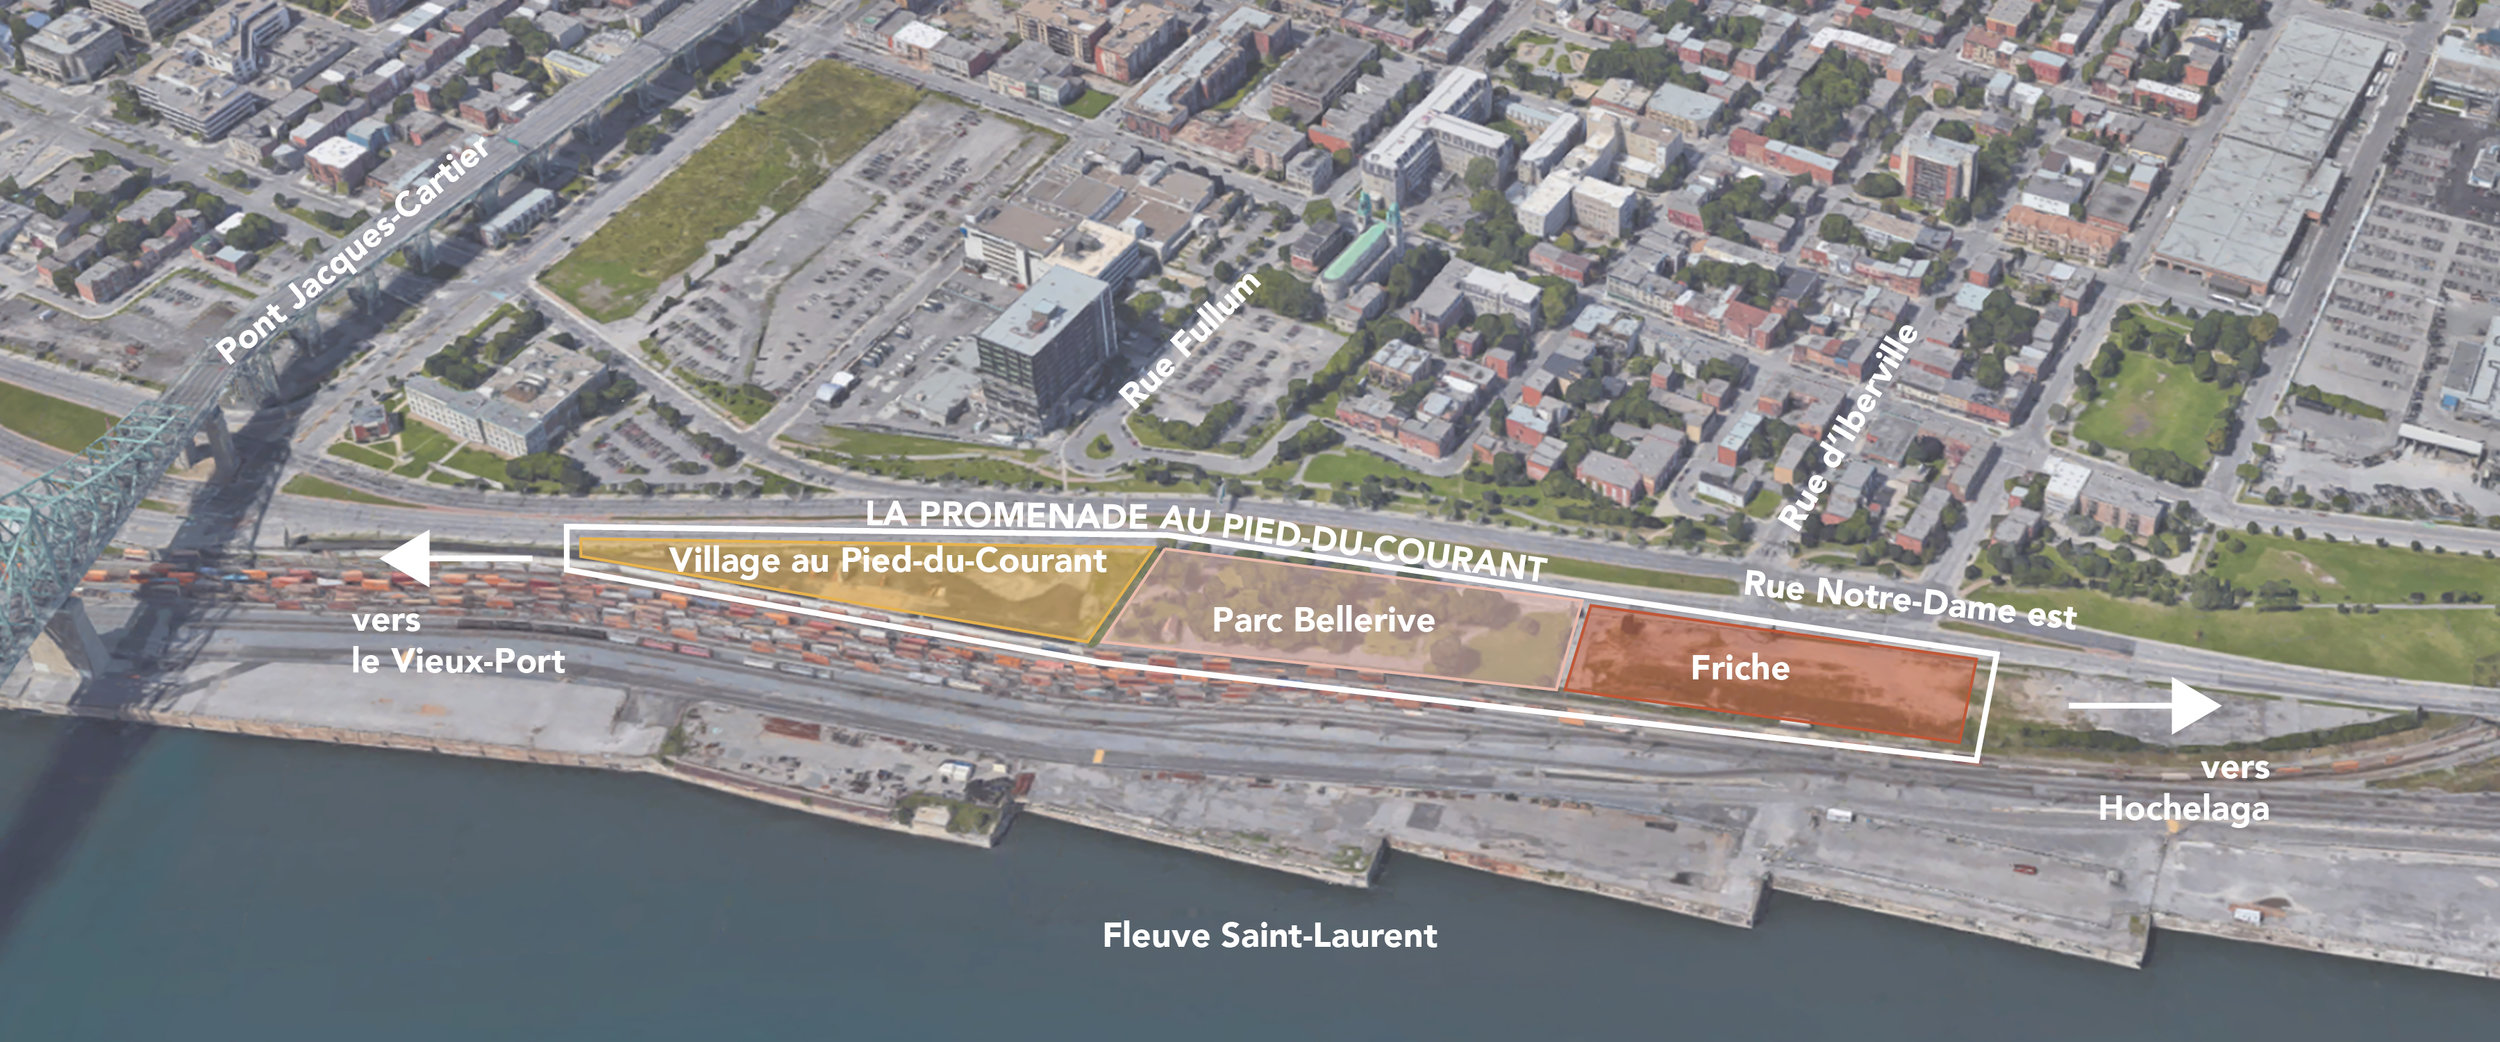 Plan satellite Promenade au Pied-du-Courant - La Pépinière _ Espaces Collectifs (1).jpg